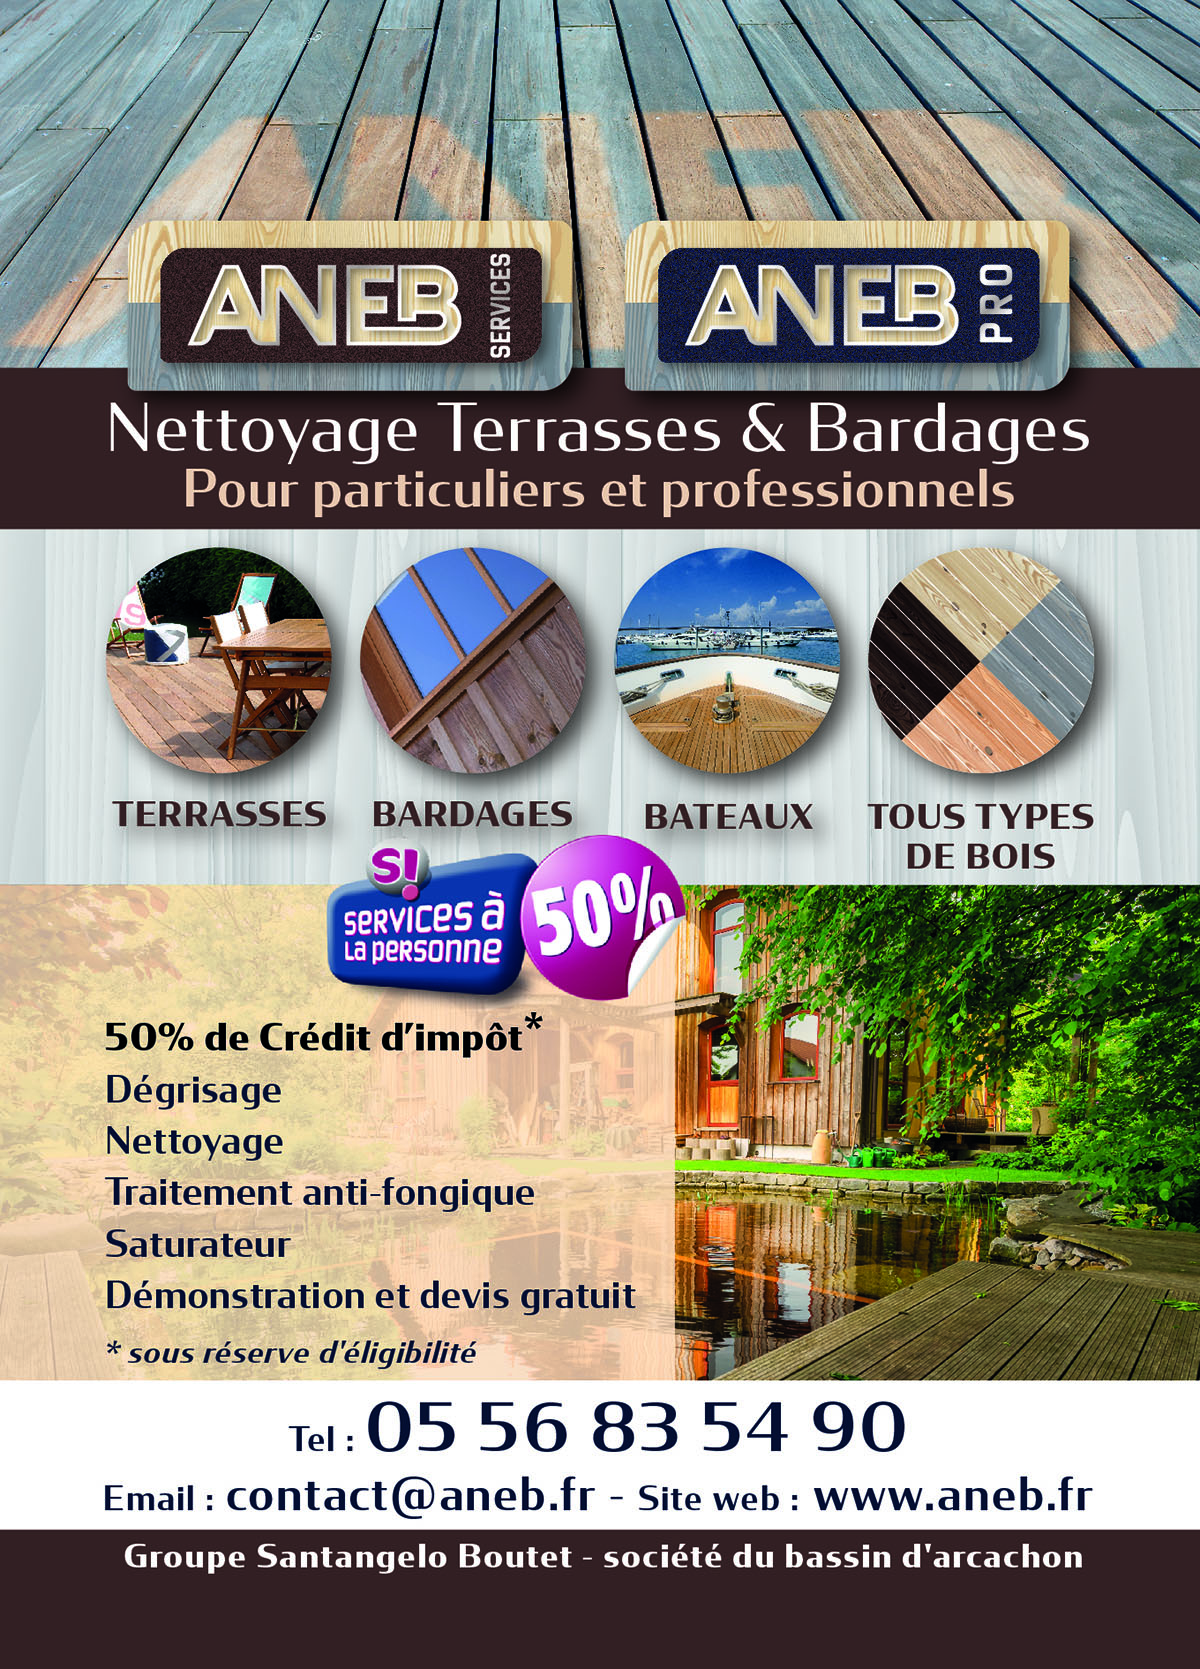 ANEB - Nettoyage Terrasses et Bardages